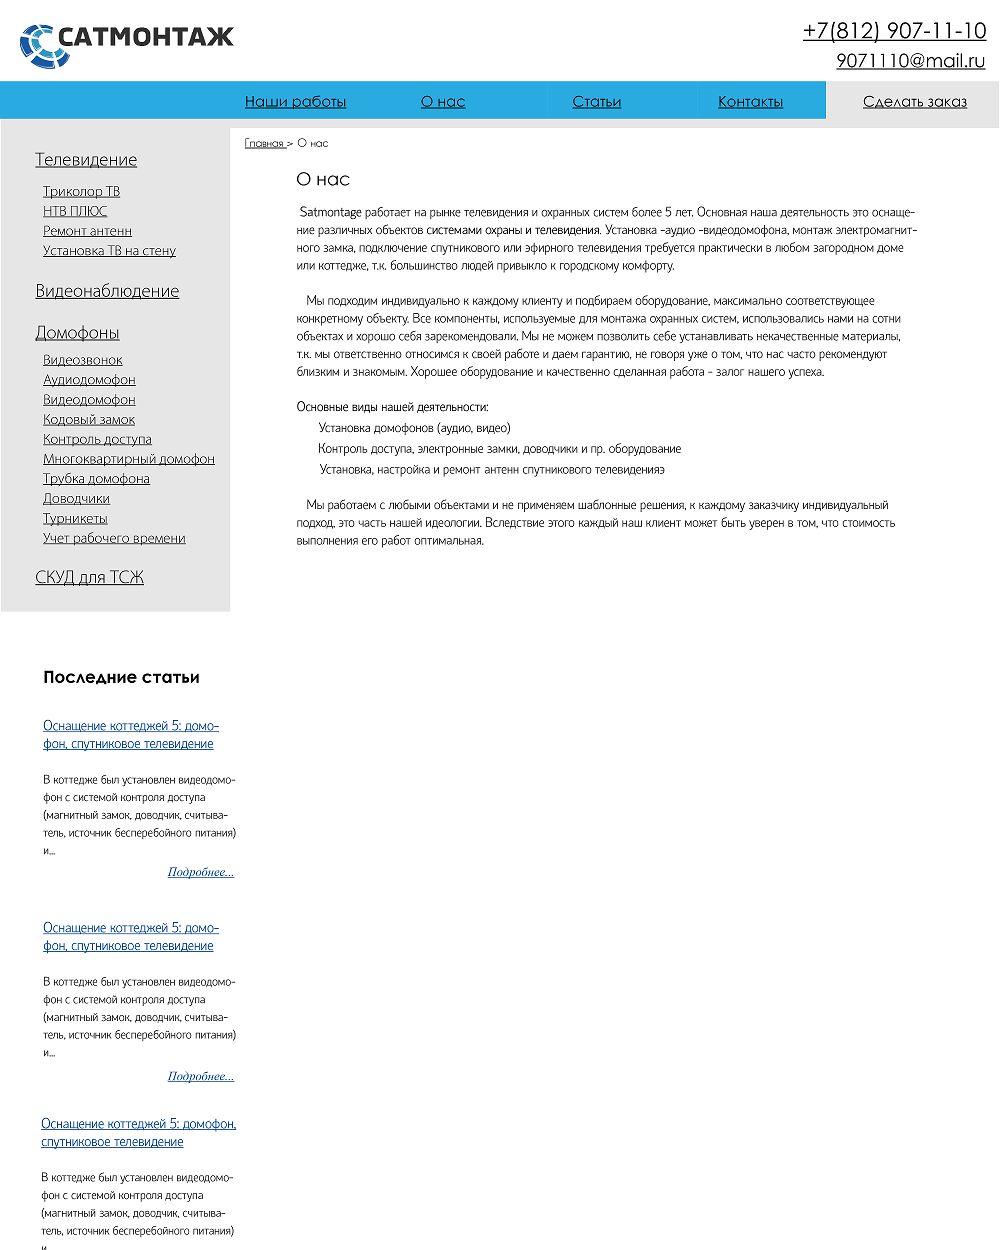 Дизайн (редизайн) существующего сайта - дизайнер Stephen